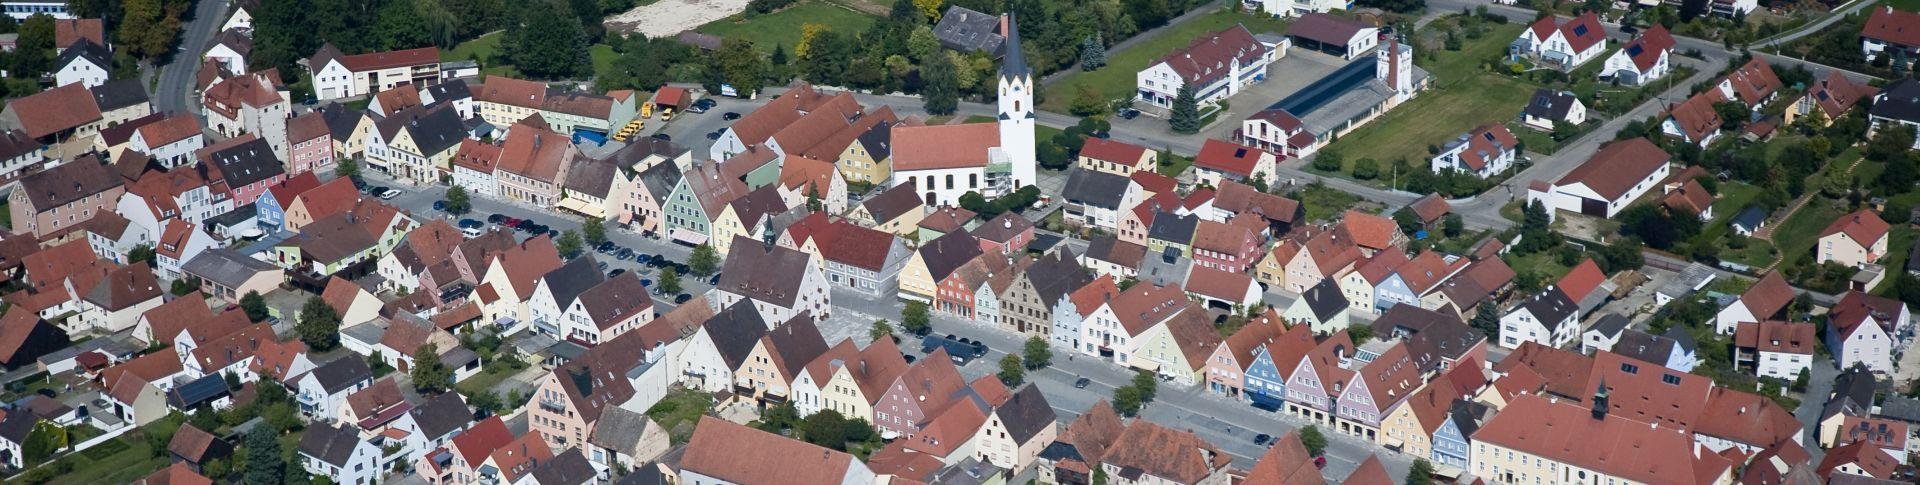 Historischer Stadtkern